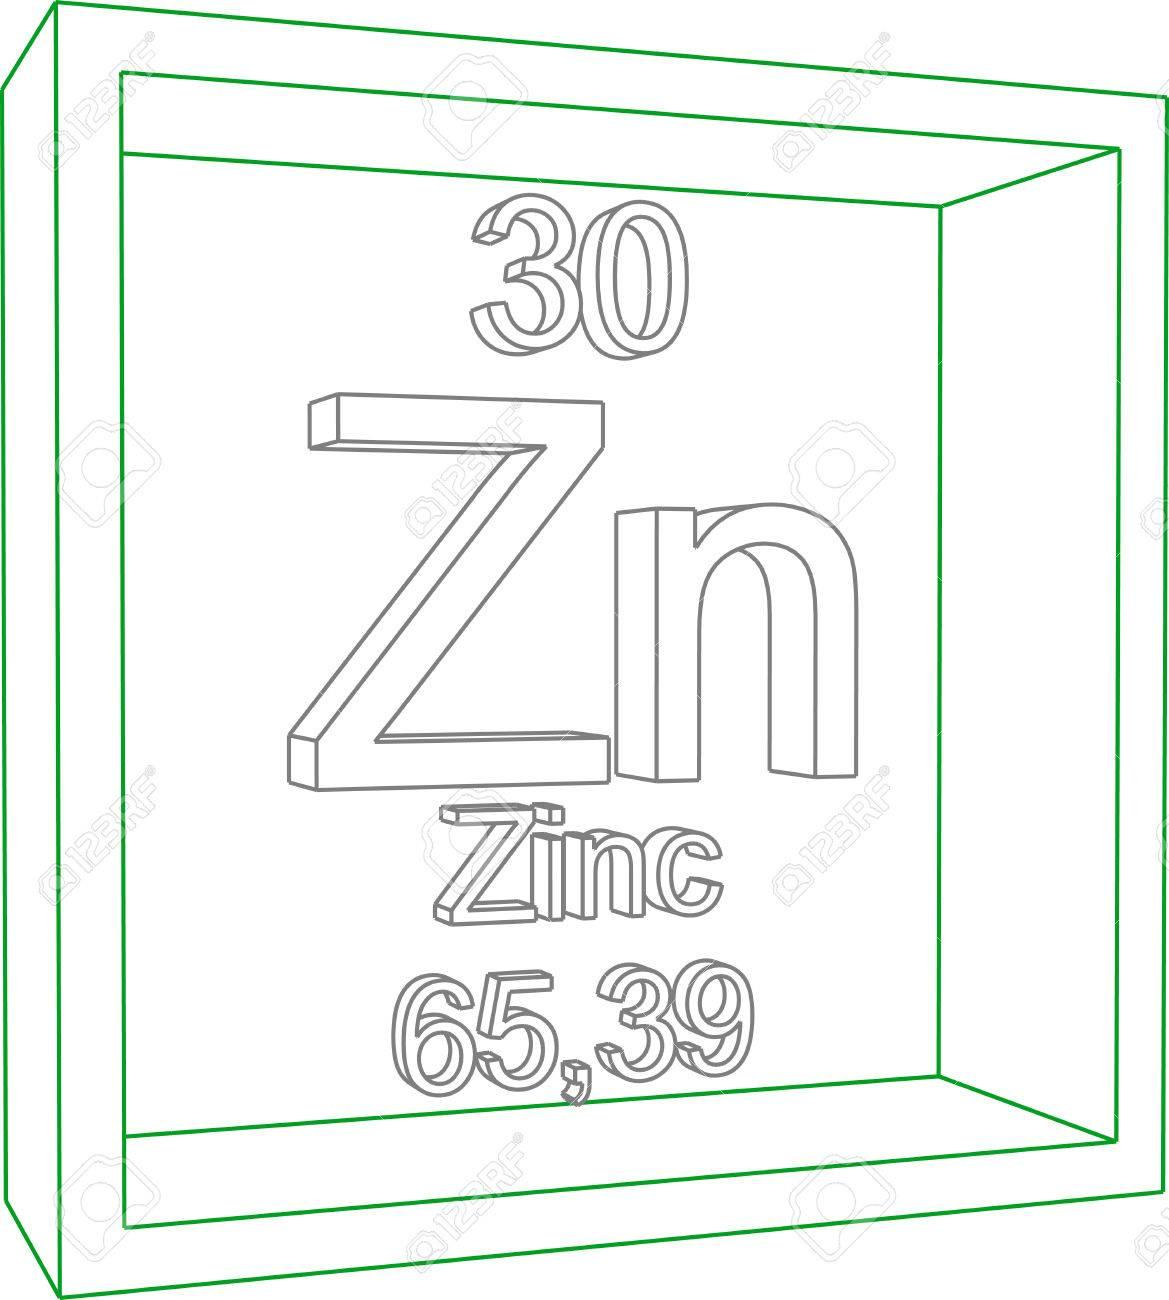 Tabla peridica de los elementos zinc ilustraciones vectoriales foto de archivo tabla peridica de los elementos zinc urtaz Images